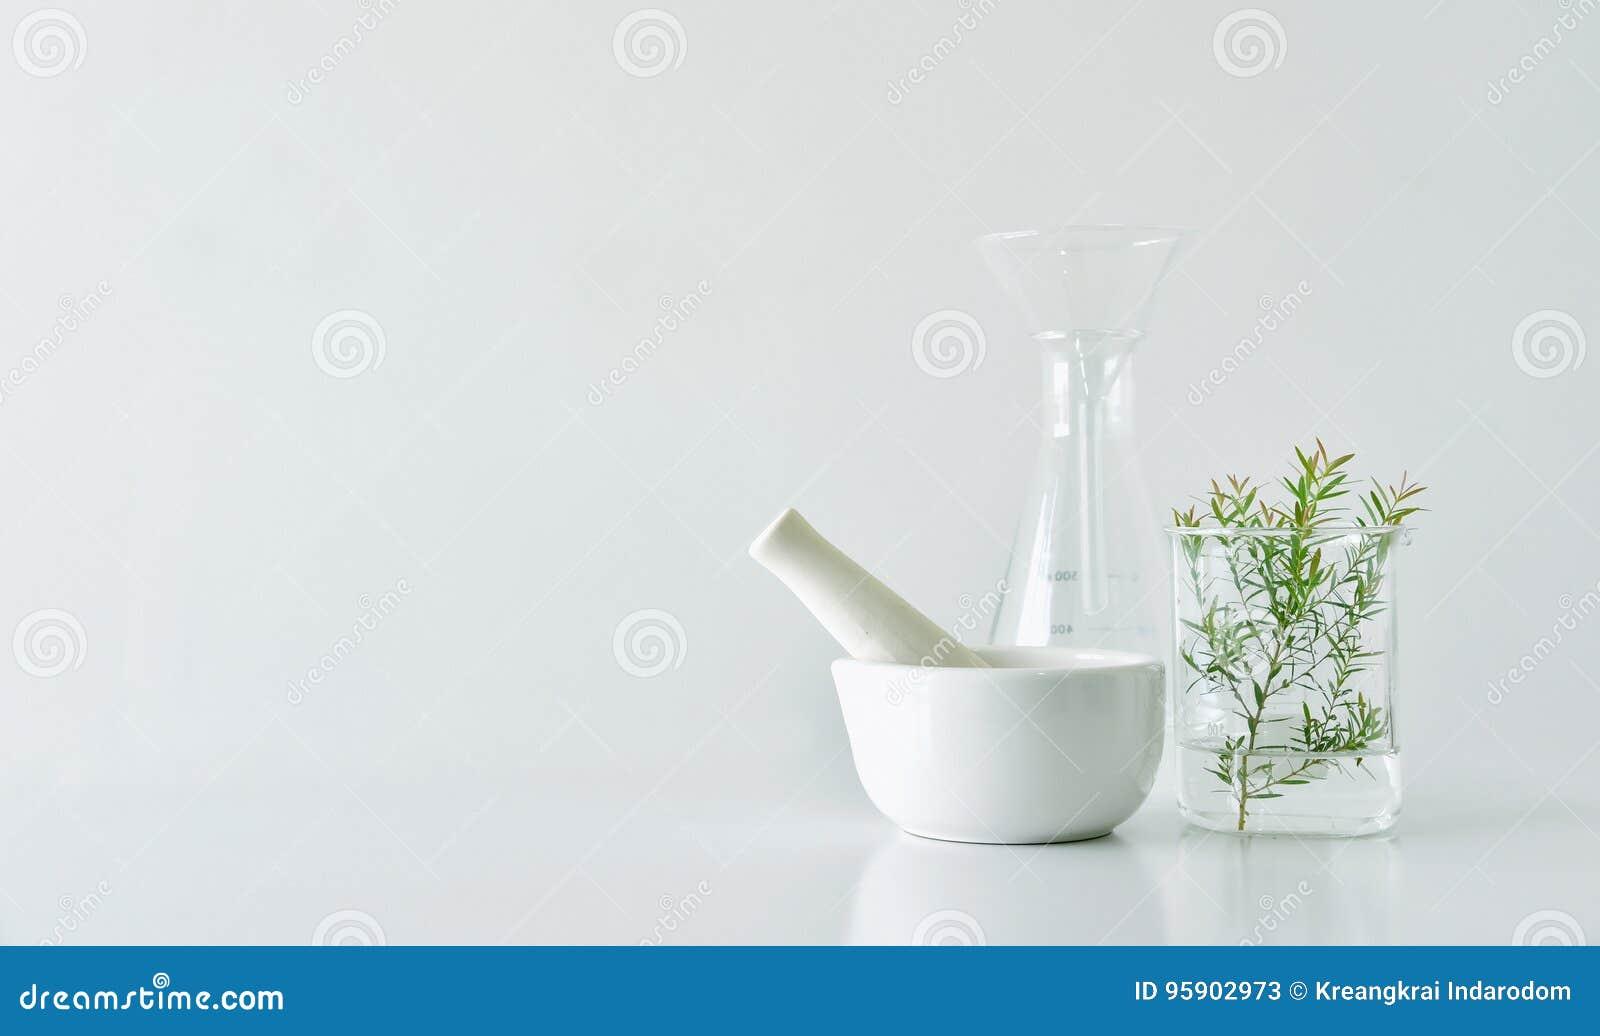 Natürliche organische Botanik und wissenschaftliche Glaswaren, alternative Krautmedizin, natürliche Hautpflegeschönheitsprodukte